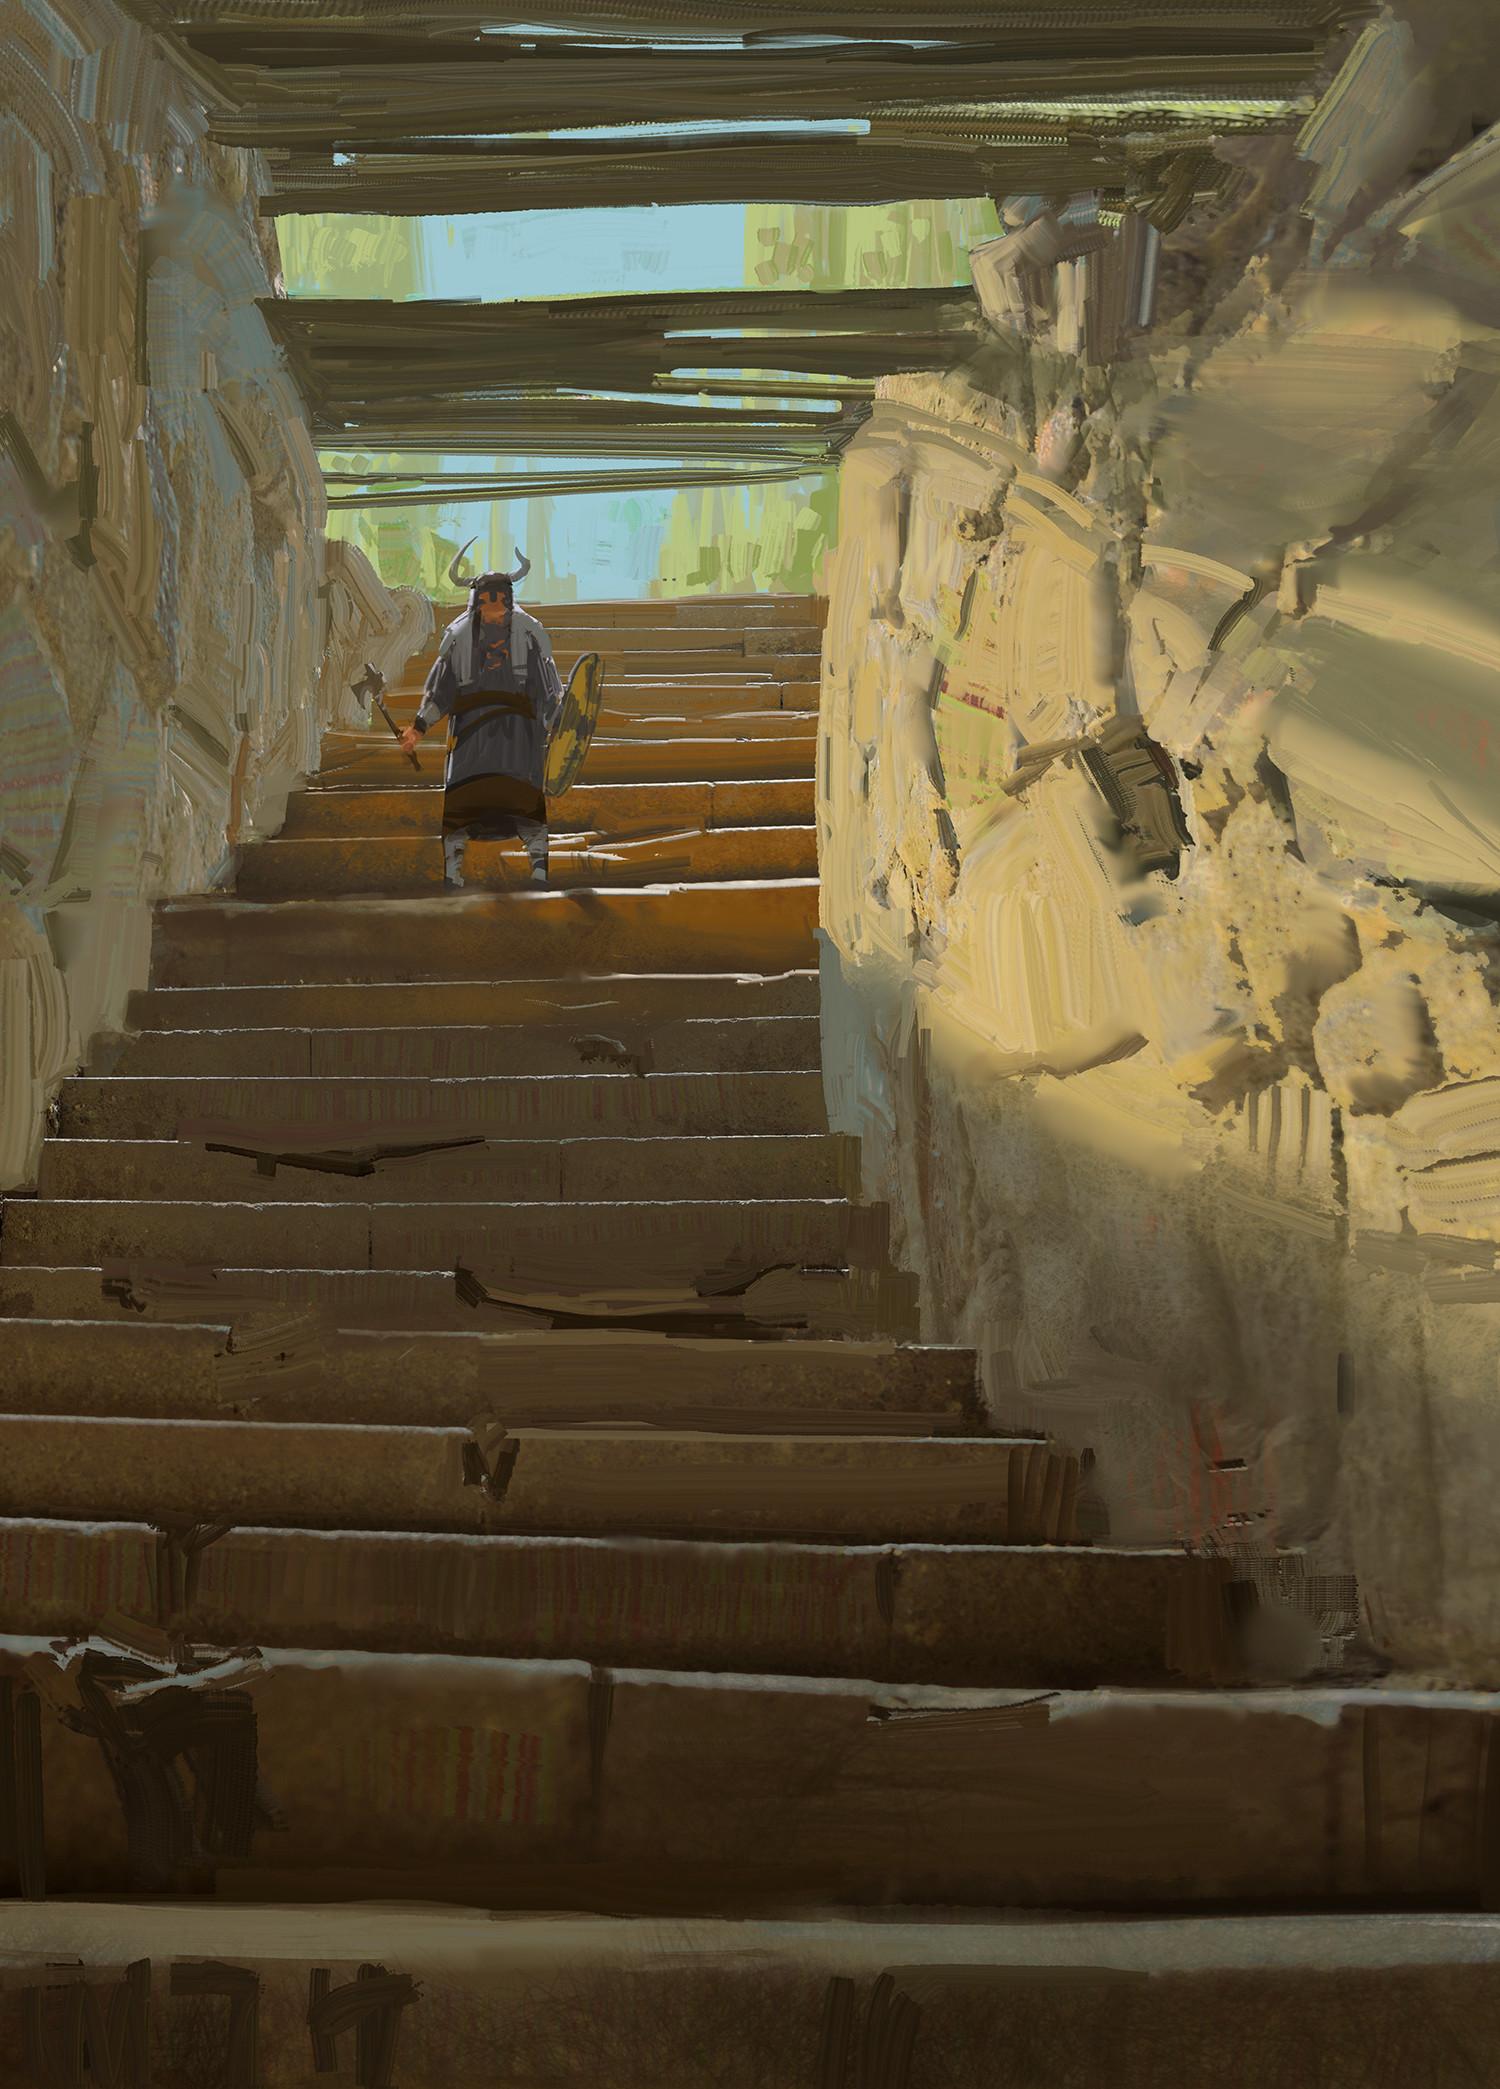 Jad saber stairs sketch